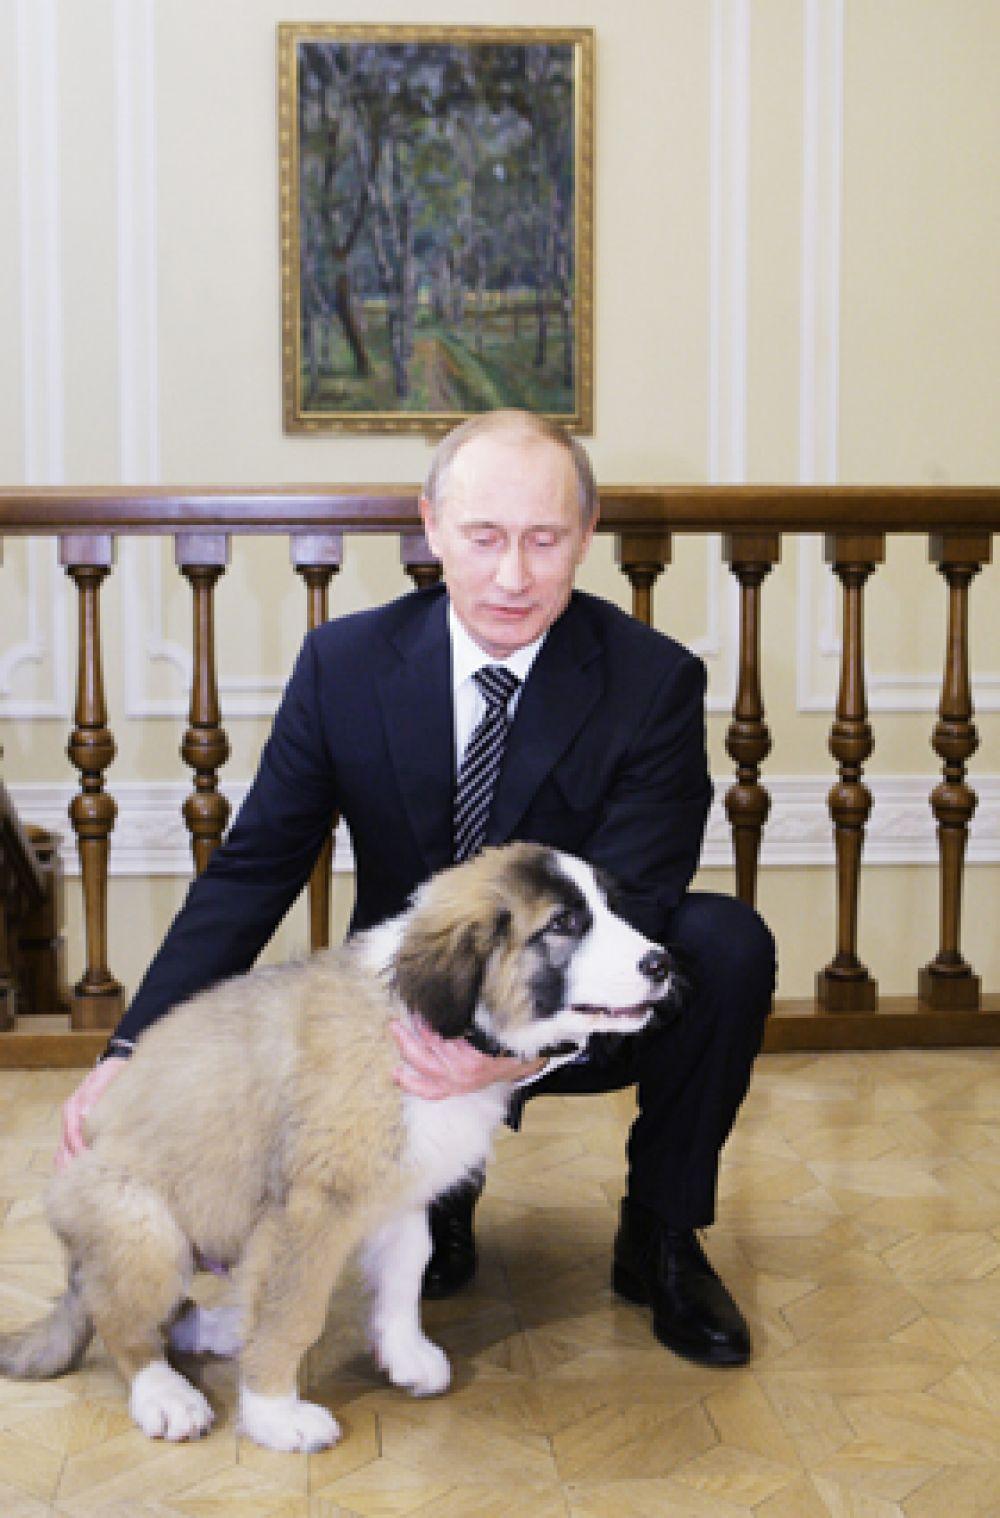 Но Владимир Путин остается заядлым собачником. У него есть болгарская овчарка (каракачанская собака) Баффи, подаренная болгарским премьером Бойко Борисовым в 2010 году. Имя Баффи придумал московский школьник: Владимир Путин тогда попросил россиян помочь ему в этом вопросе.